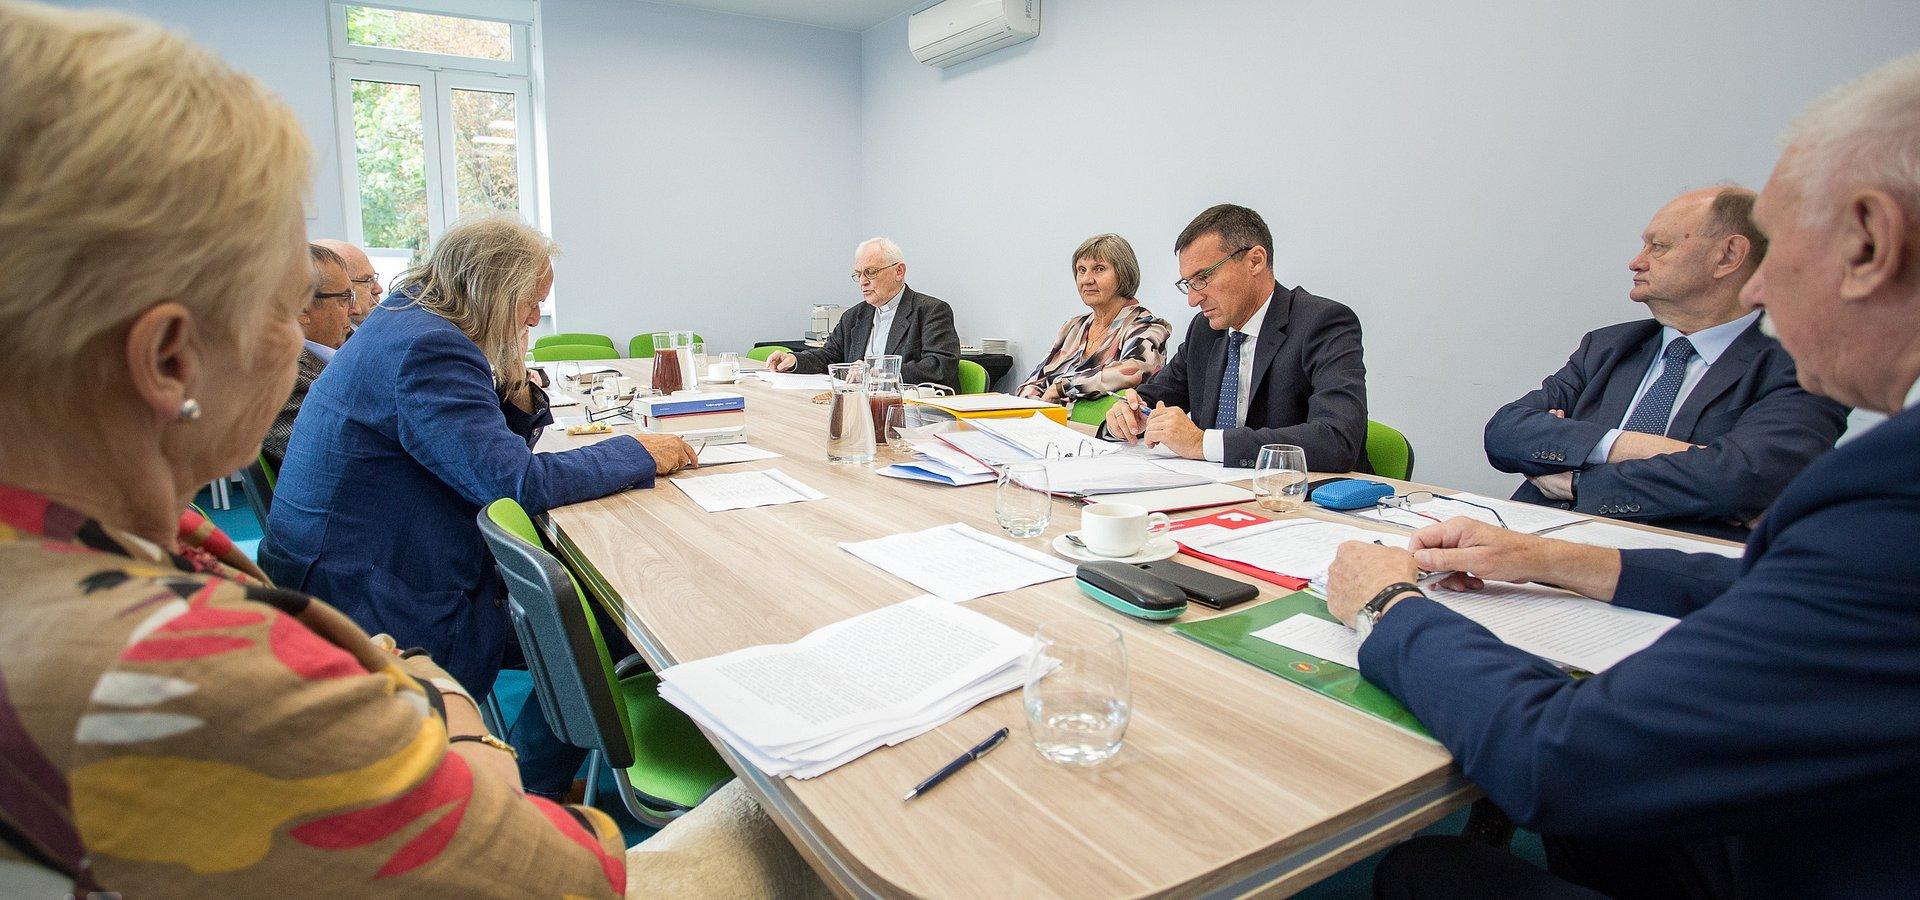 Znamy finalistów V edycji Konkursu im. prof. T. Kotarbińskiego